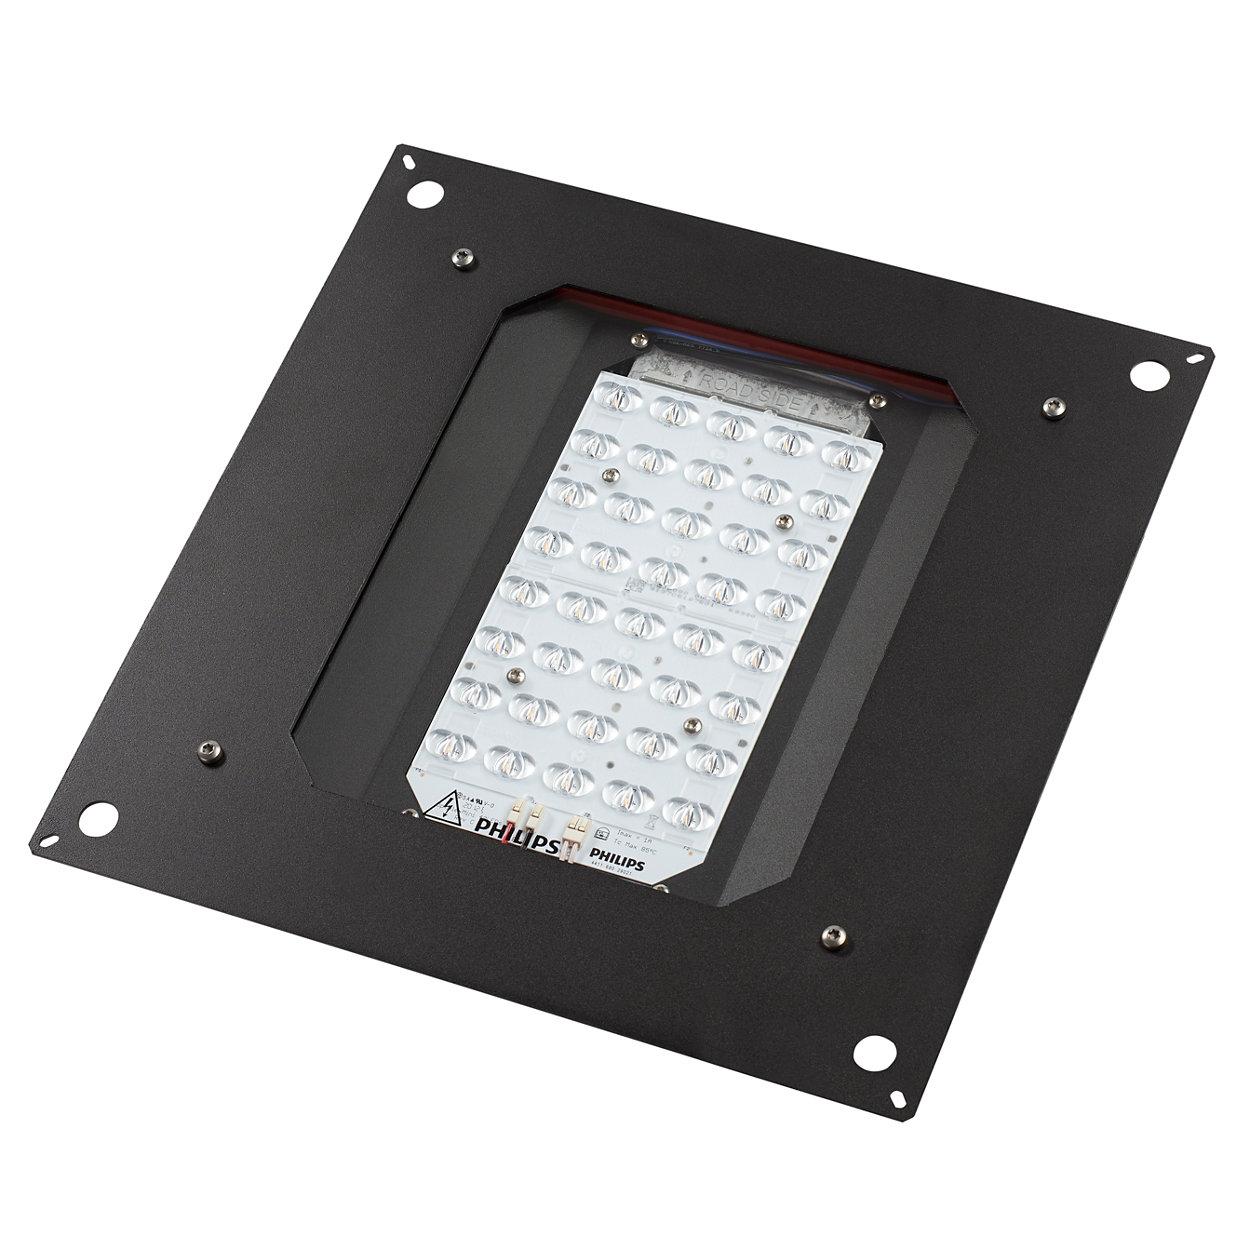 Aggiornamento della base installata di apparecchi per illuminazione tradizionali ad alternative a LED a efficienza energetica a prova di futuro.